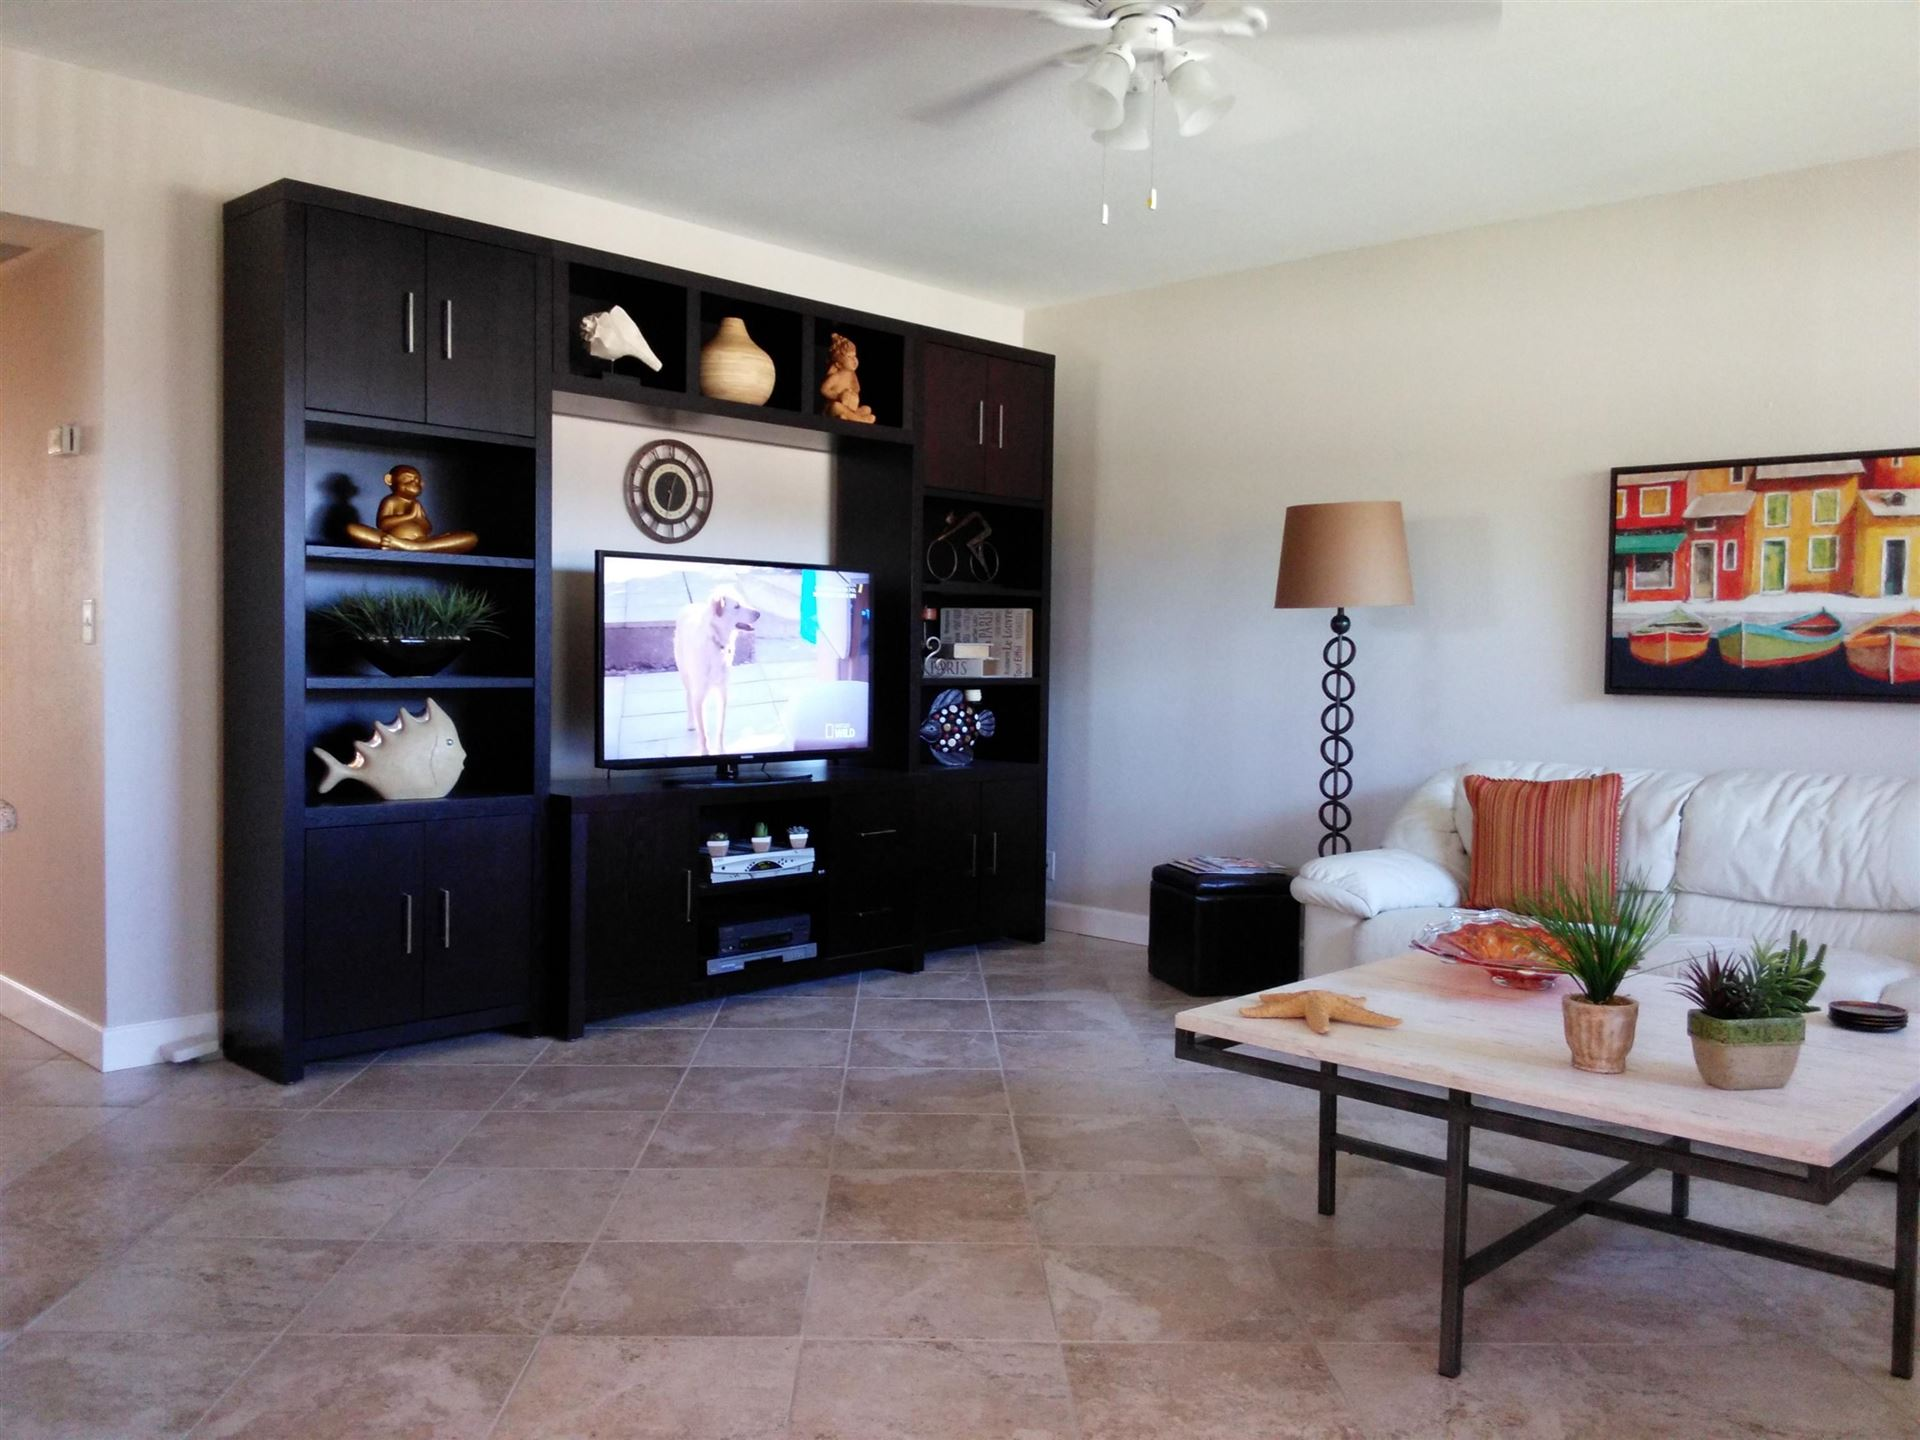 672 Flanders N #6720, Delray Beach, FL 33484 - MLS#: RX-10722784